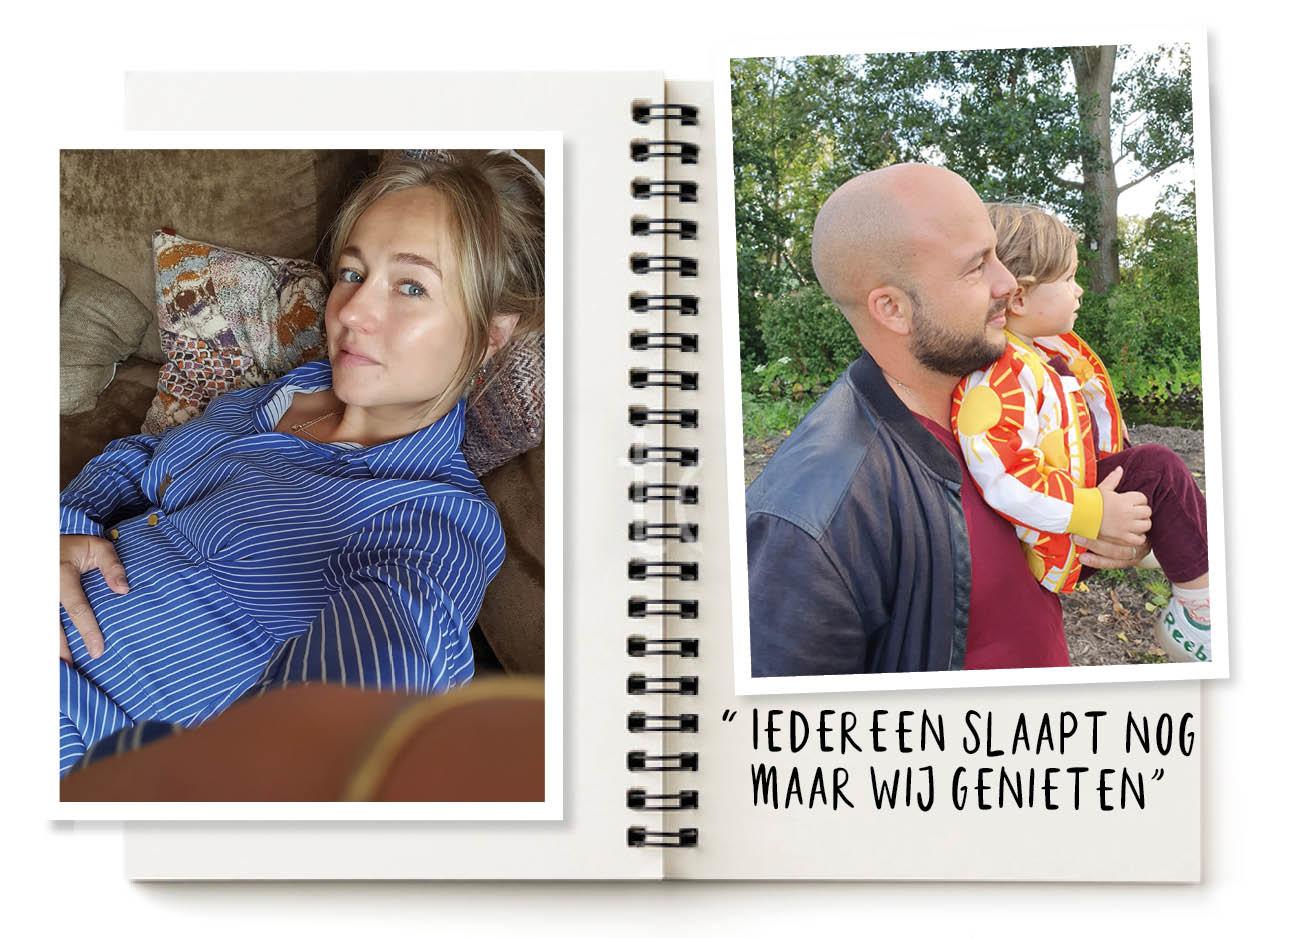 Carolien ligt op de bank in een blauwe blouse jurk. en op de foto rechts staat haar man samen met haar kind met op de achtergrond bomen